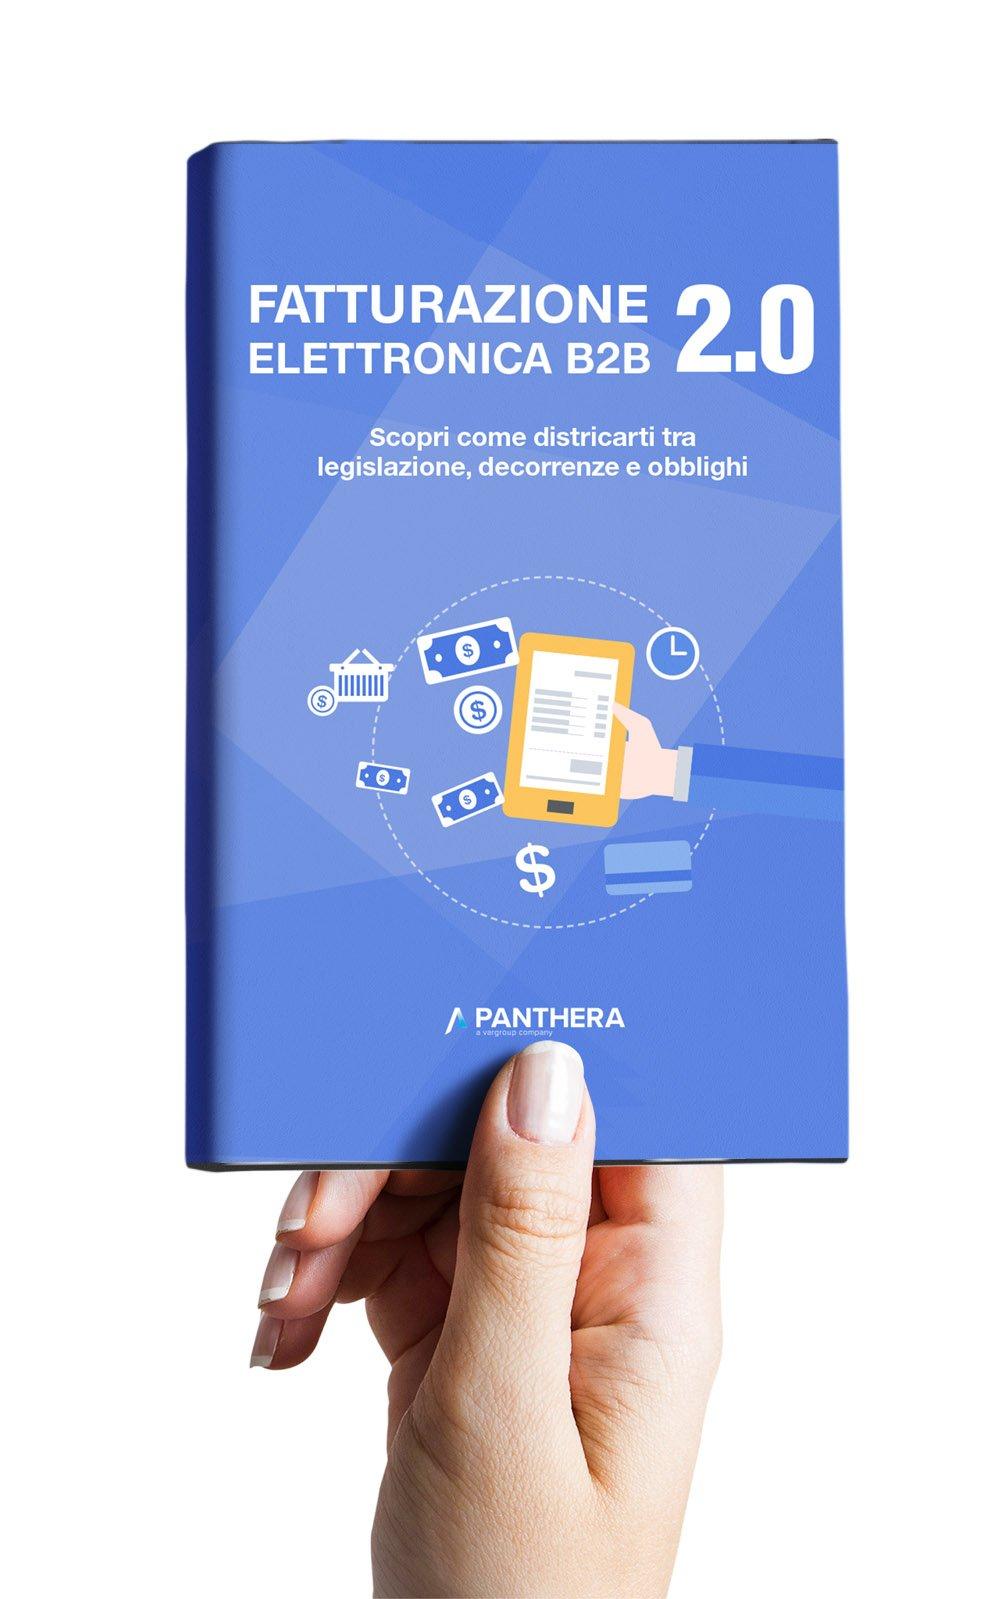 Panthera_Fatturazione Elettronica B2B 2.0